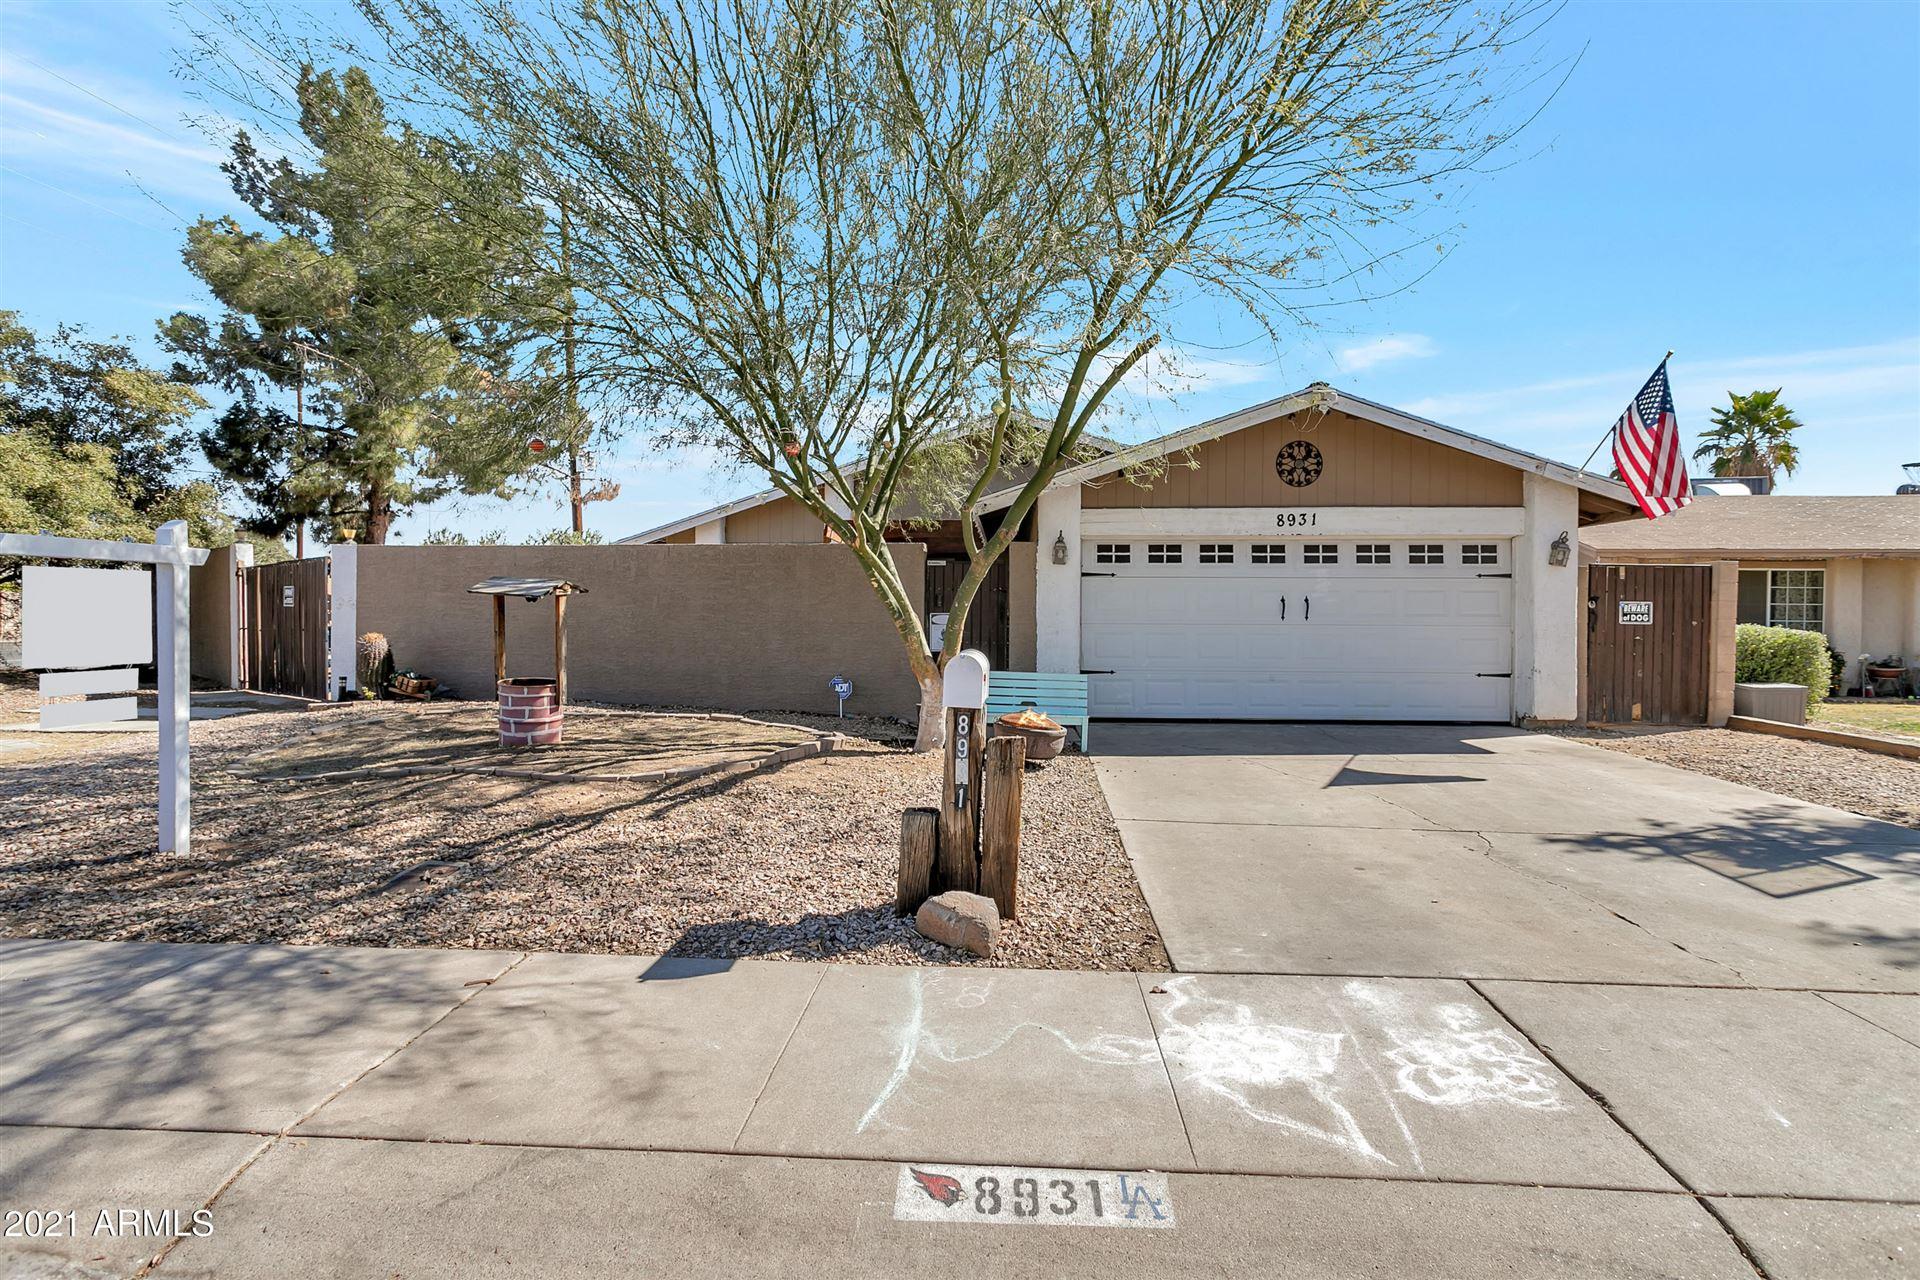 8931 N 56th Drive, Glendale, AZ 85302 - MLS#: 6198211